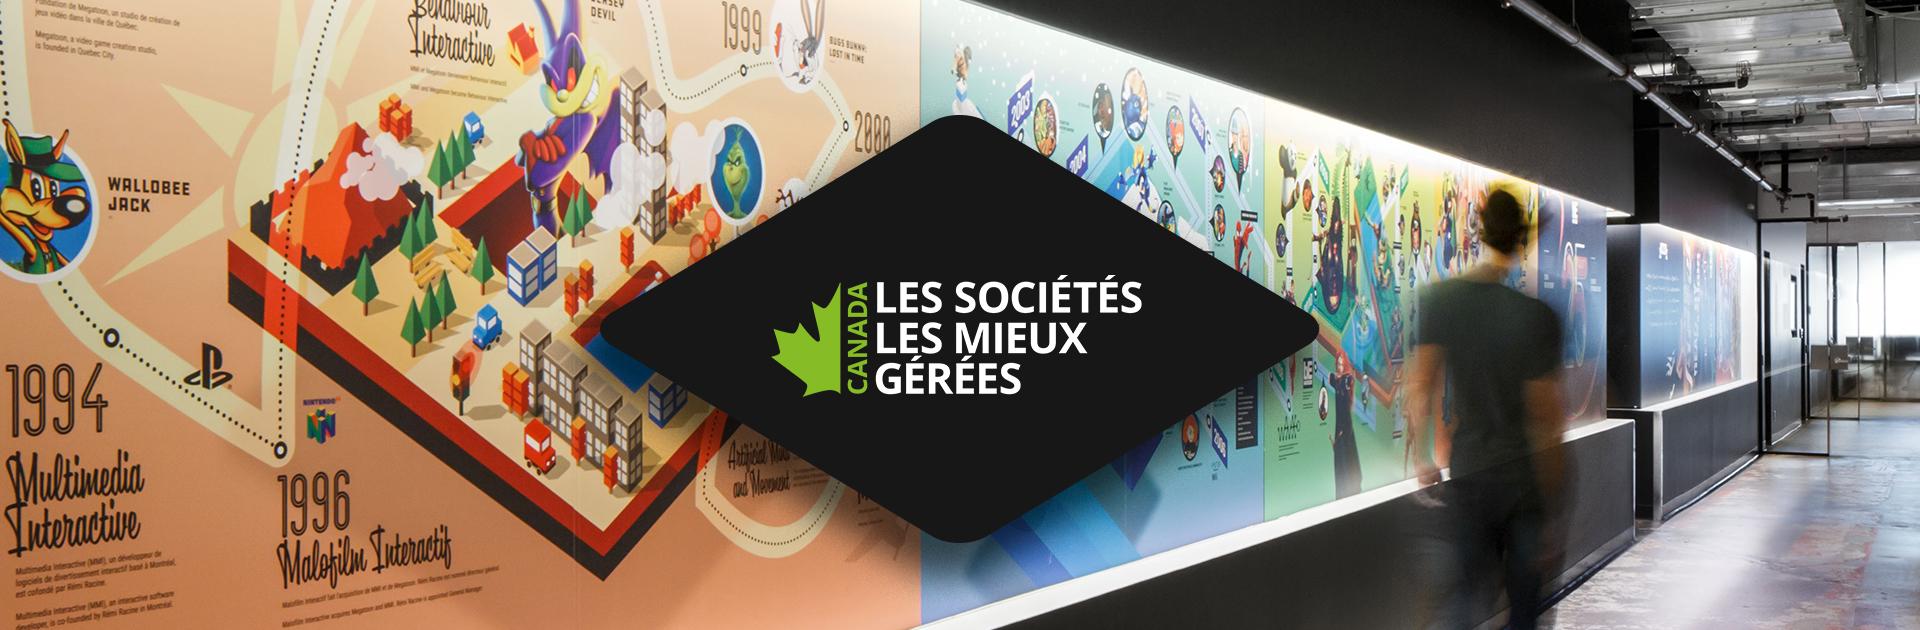 Deloitte désigne Behaviour Interactif comme l'une des sociétés les mieux gérées au Canada